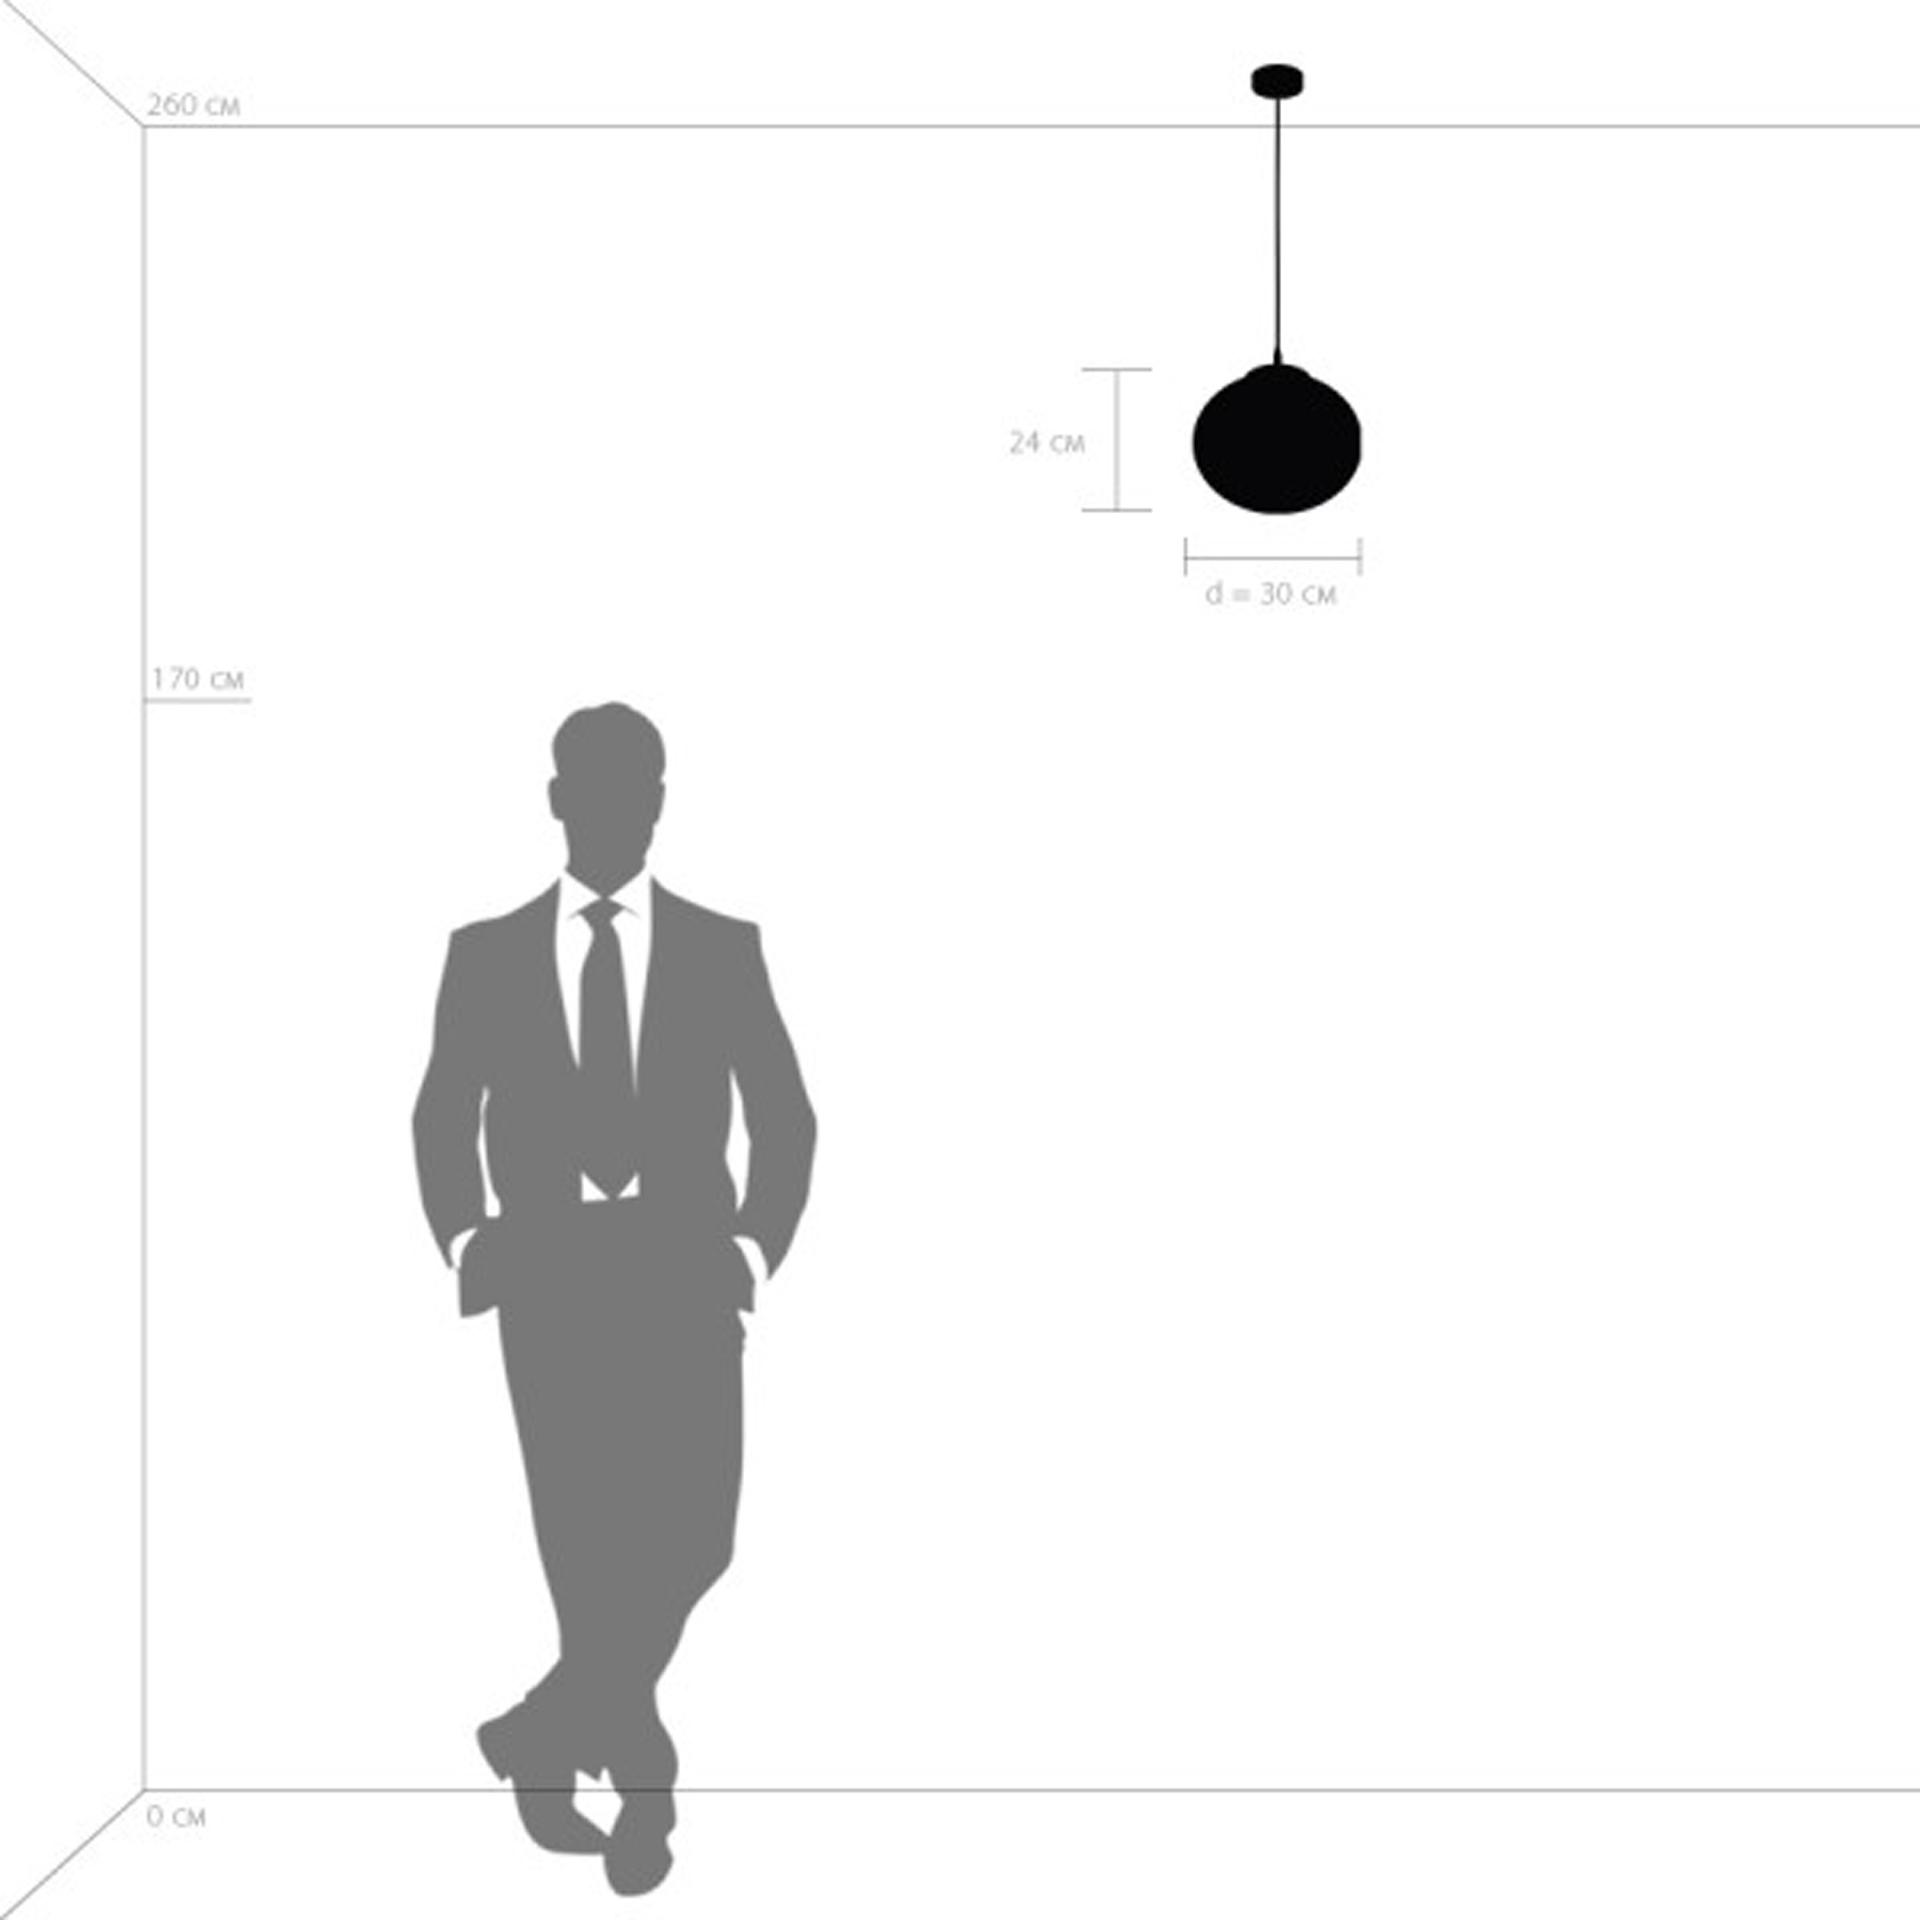 Люстра подвесная Arnia 1Х40W E27 Белый Lightstar 805016, купить в СПб, Москве, с доставкой, Санкт-Петербург, интернет-магазин люстр и светильников Starlight, фото в жизни